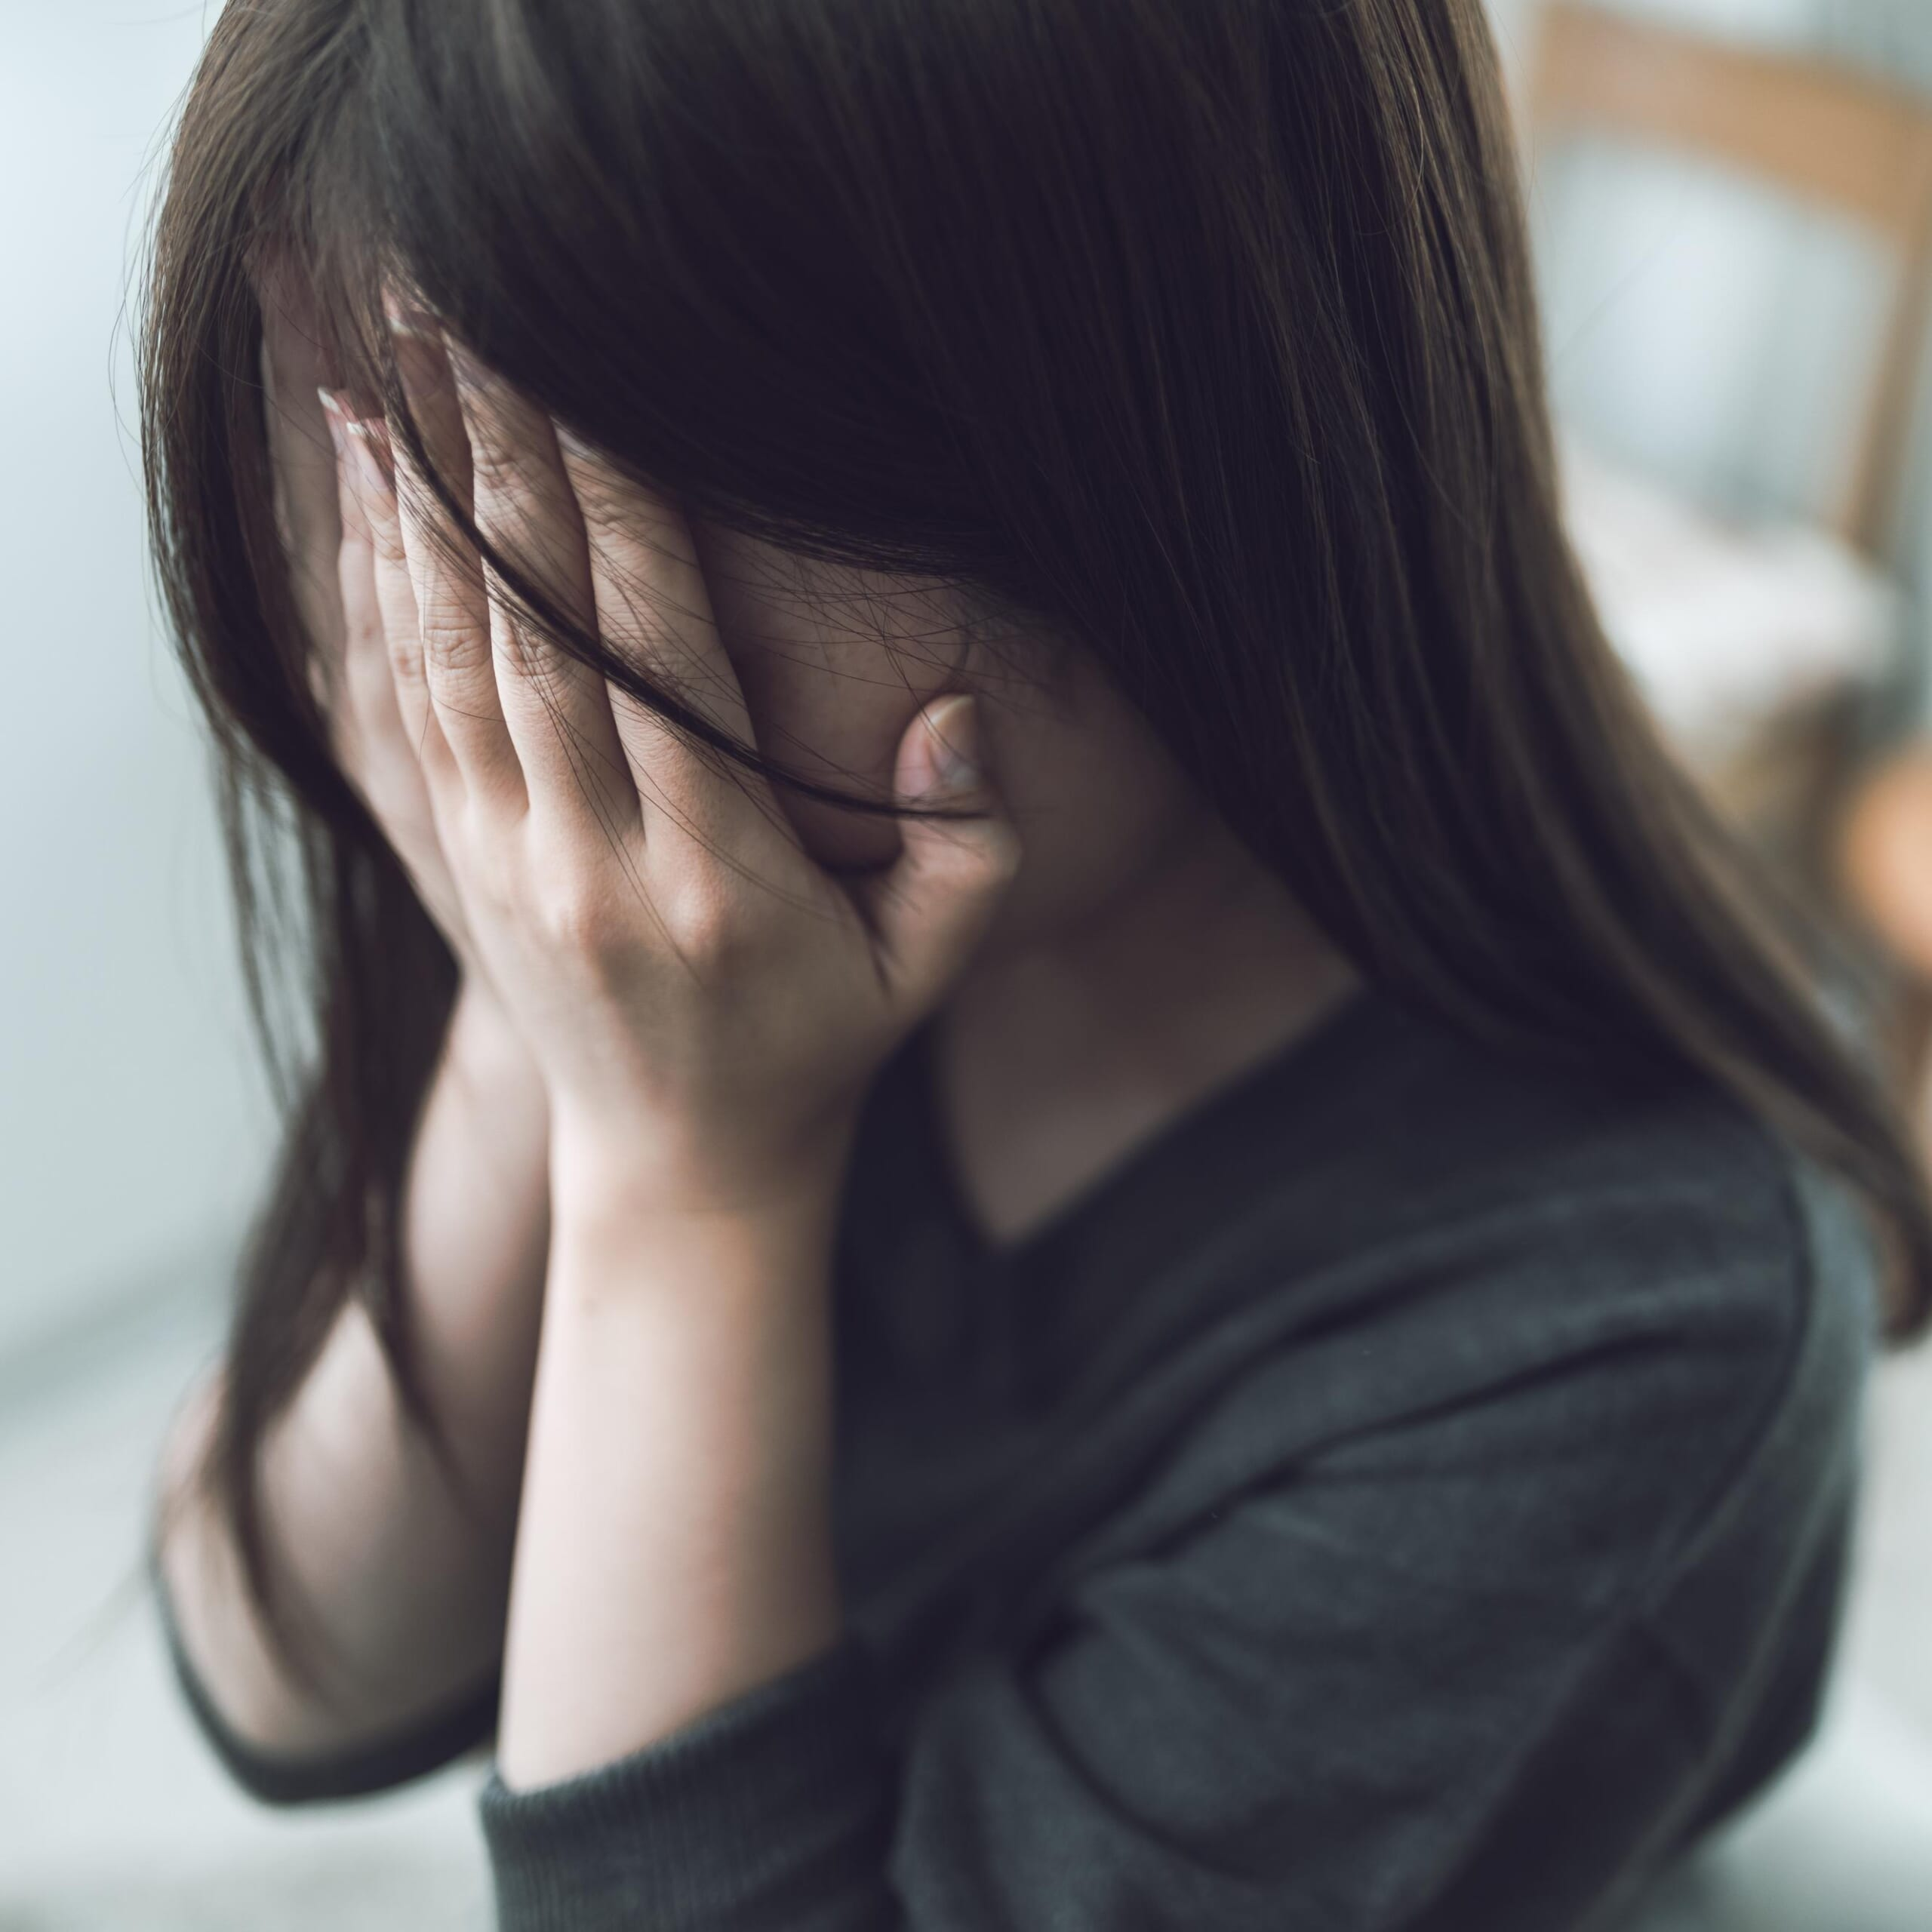 【緊急寄稿】子供を性被害から守るために、私たち大人がすべきこと